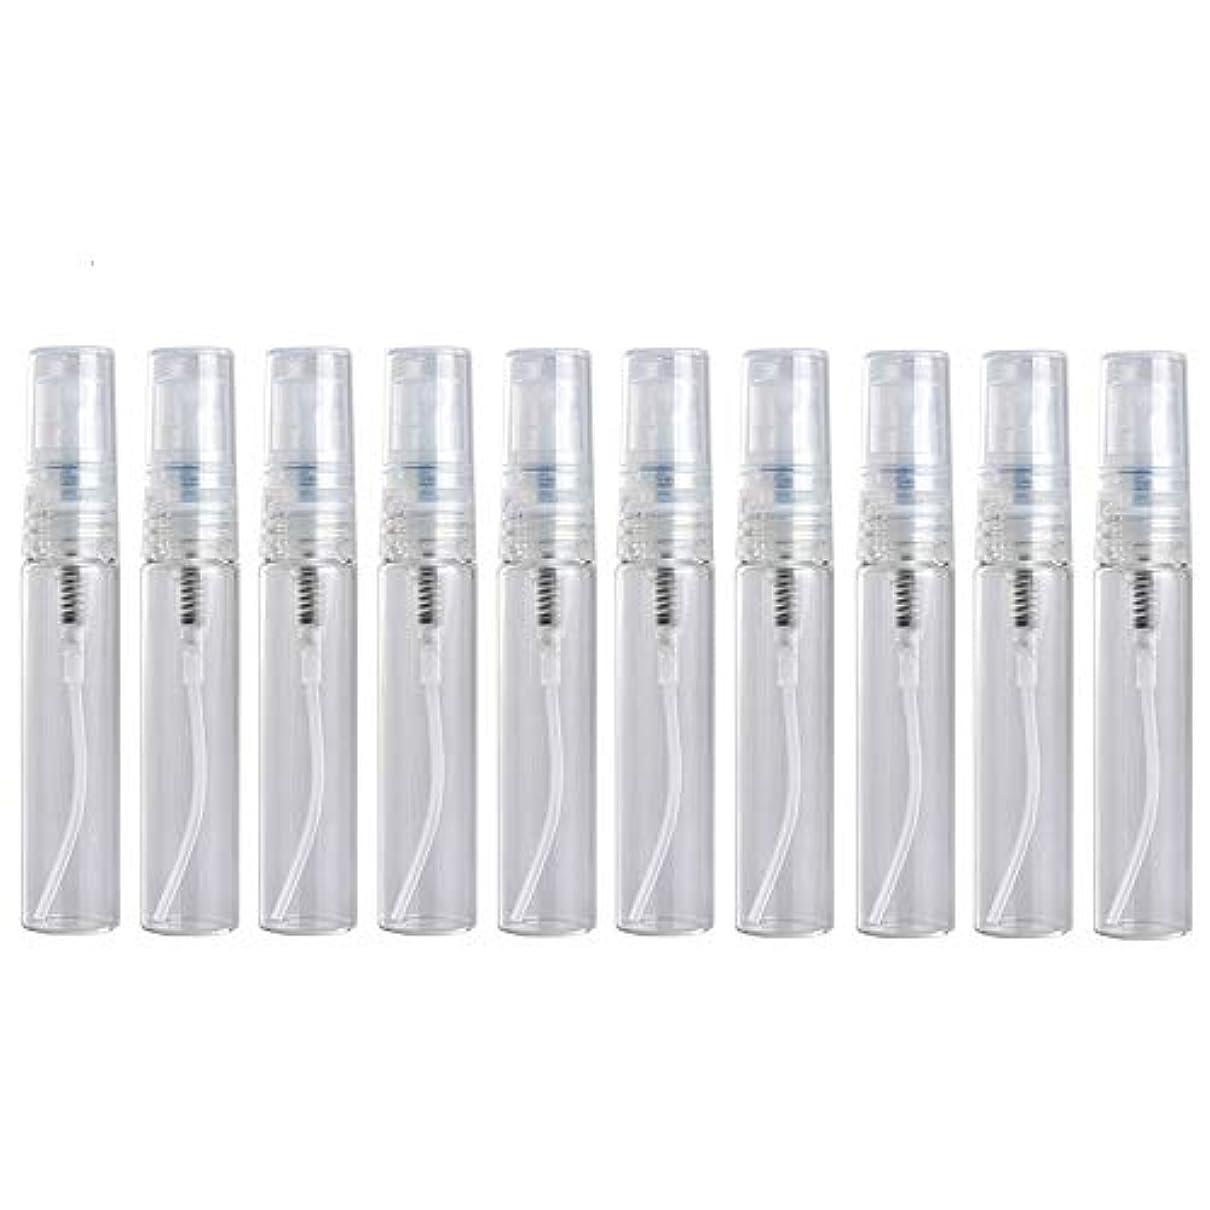 10個入り2ml/3ml/5ml 空プラスチック透明ミニスプレー香水詰め替えボトル小サンプル香水アトマイザー (5ml)